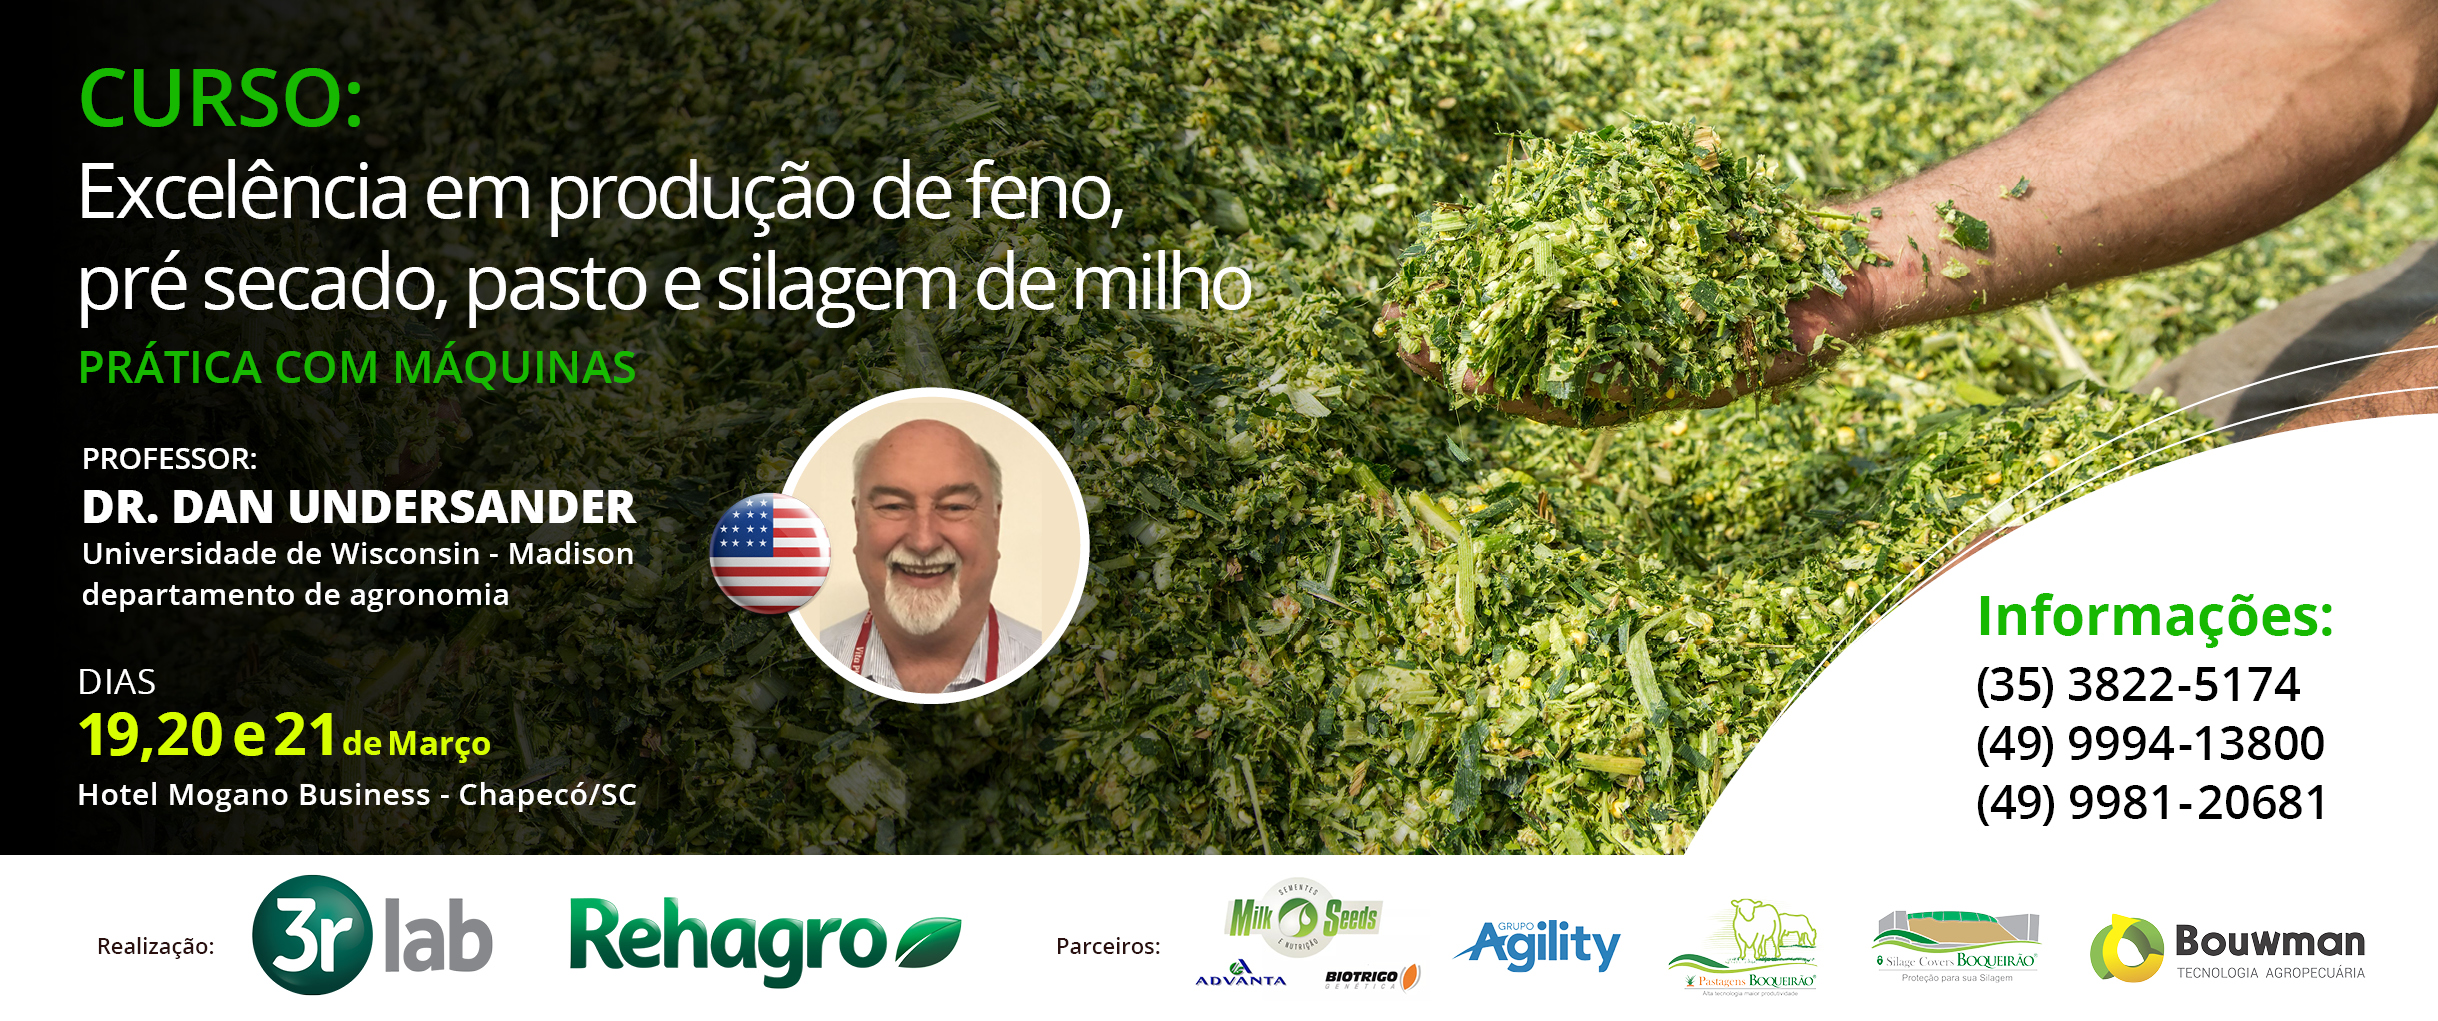 Convite curso Rehagro